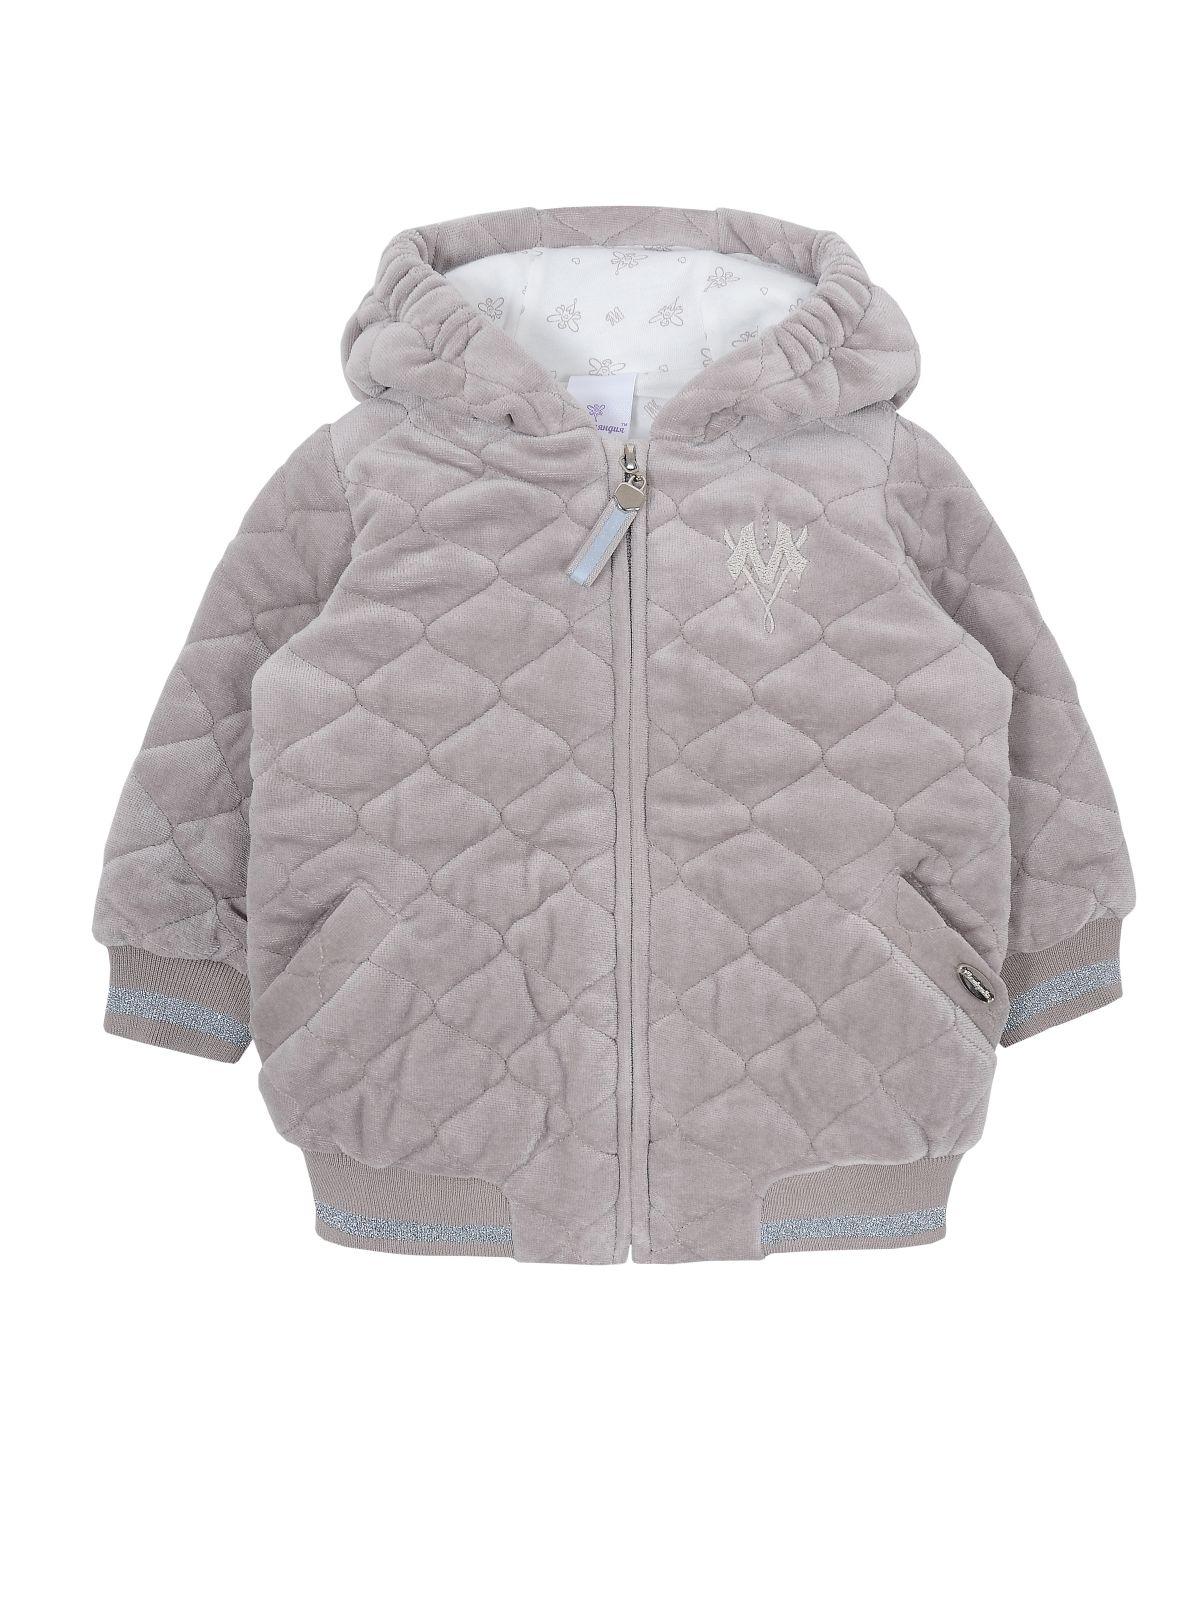 Куртка детская Мамуляндия 19-506, Велюр, Св серый р. 80